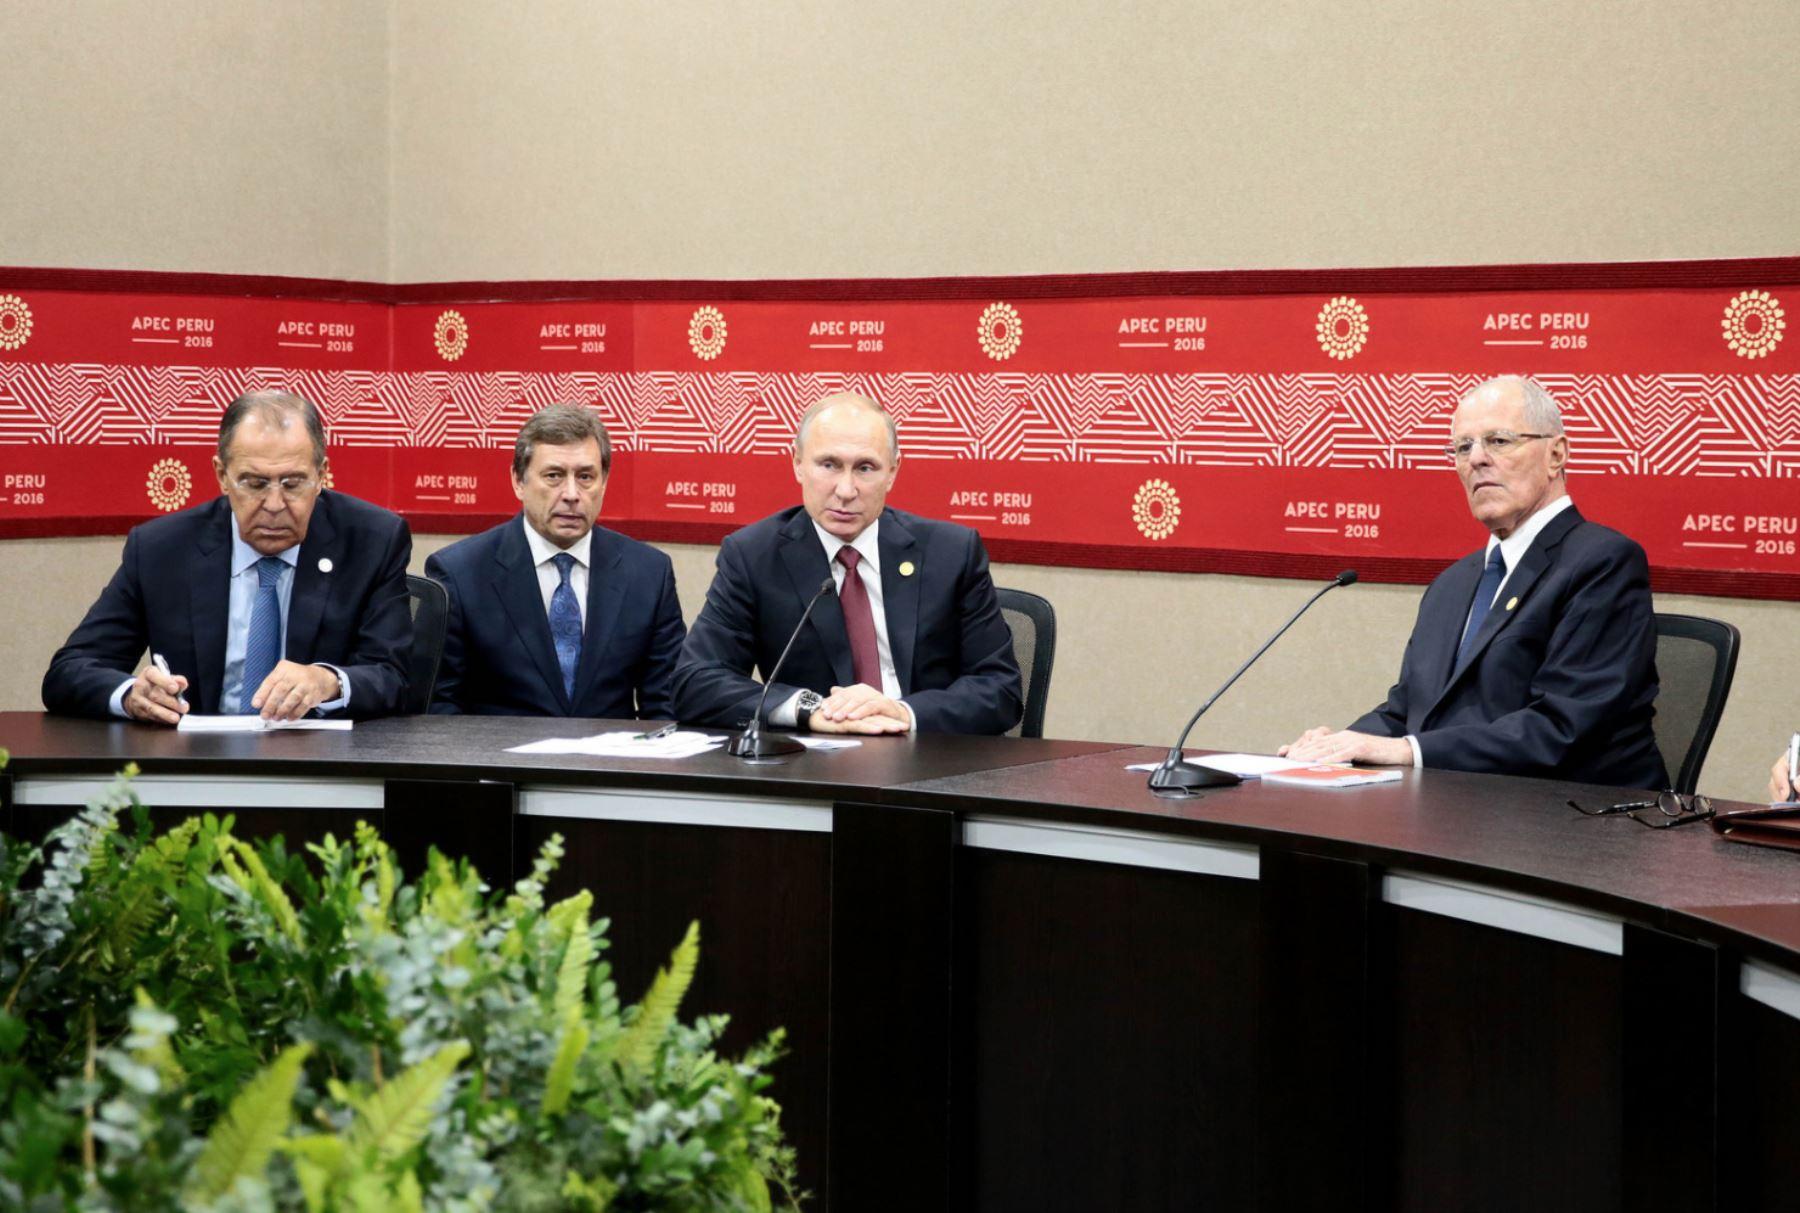 LIMA, PERÚ - NOVIEMBRE 1P. Encuentro bilateral del presidente Pedro Pablo Kuczynski con el presidente de Rusia, Vladimir Putin, en el marco de APEC 2016  Foto:ANDINA / Presidencia.